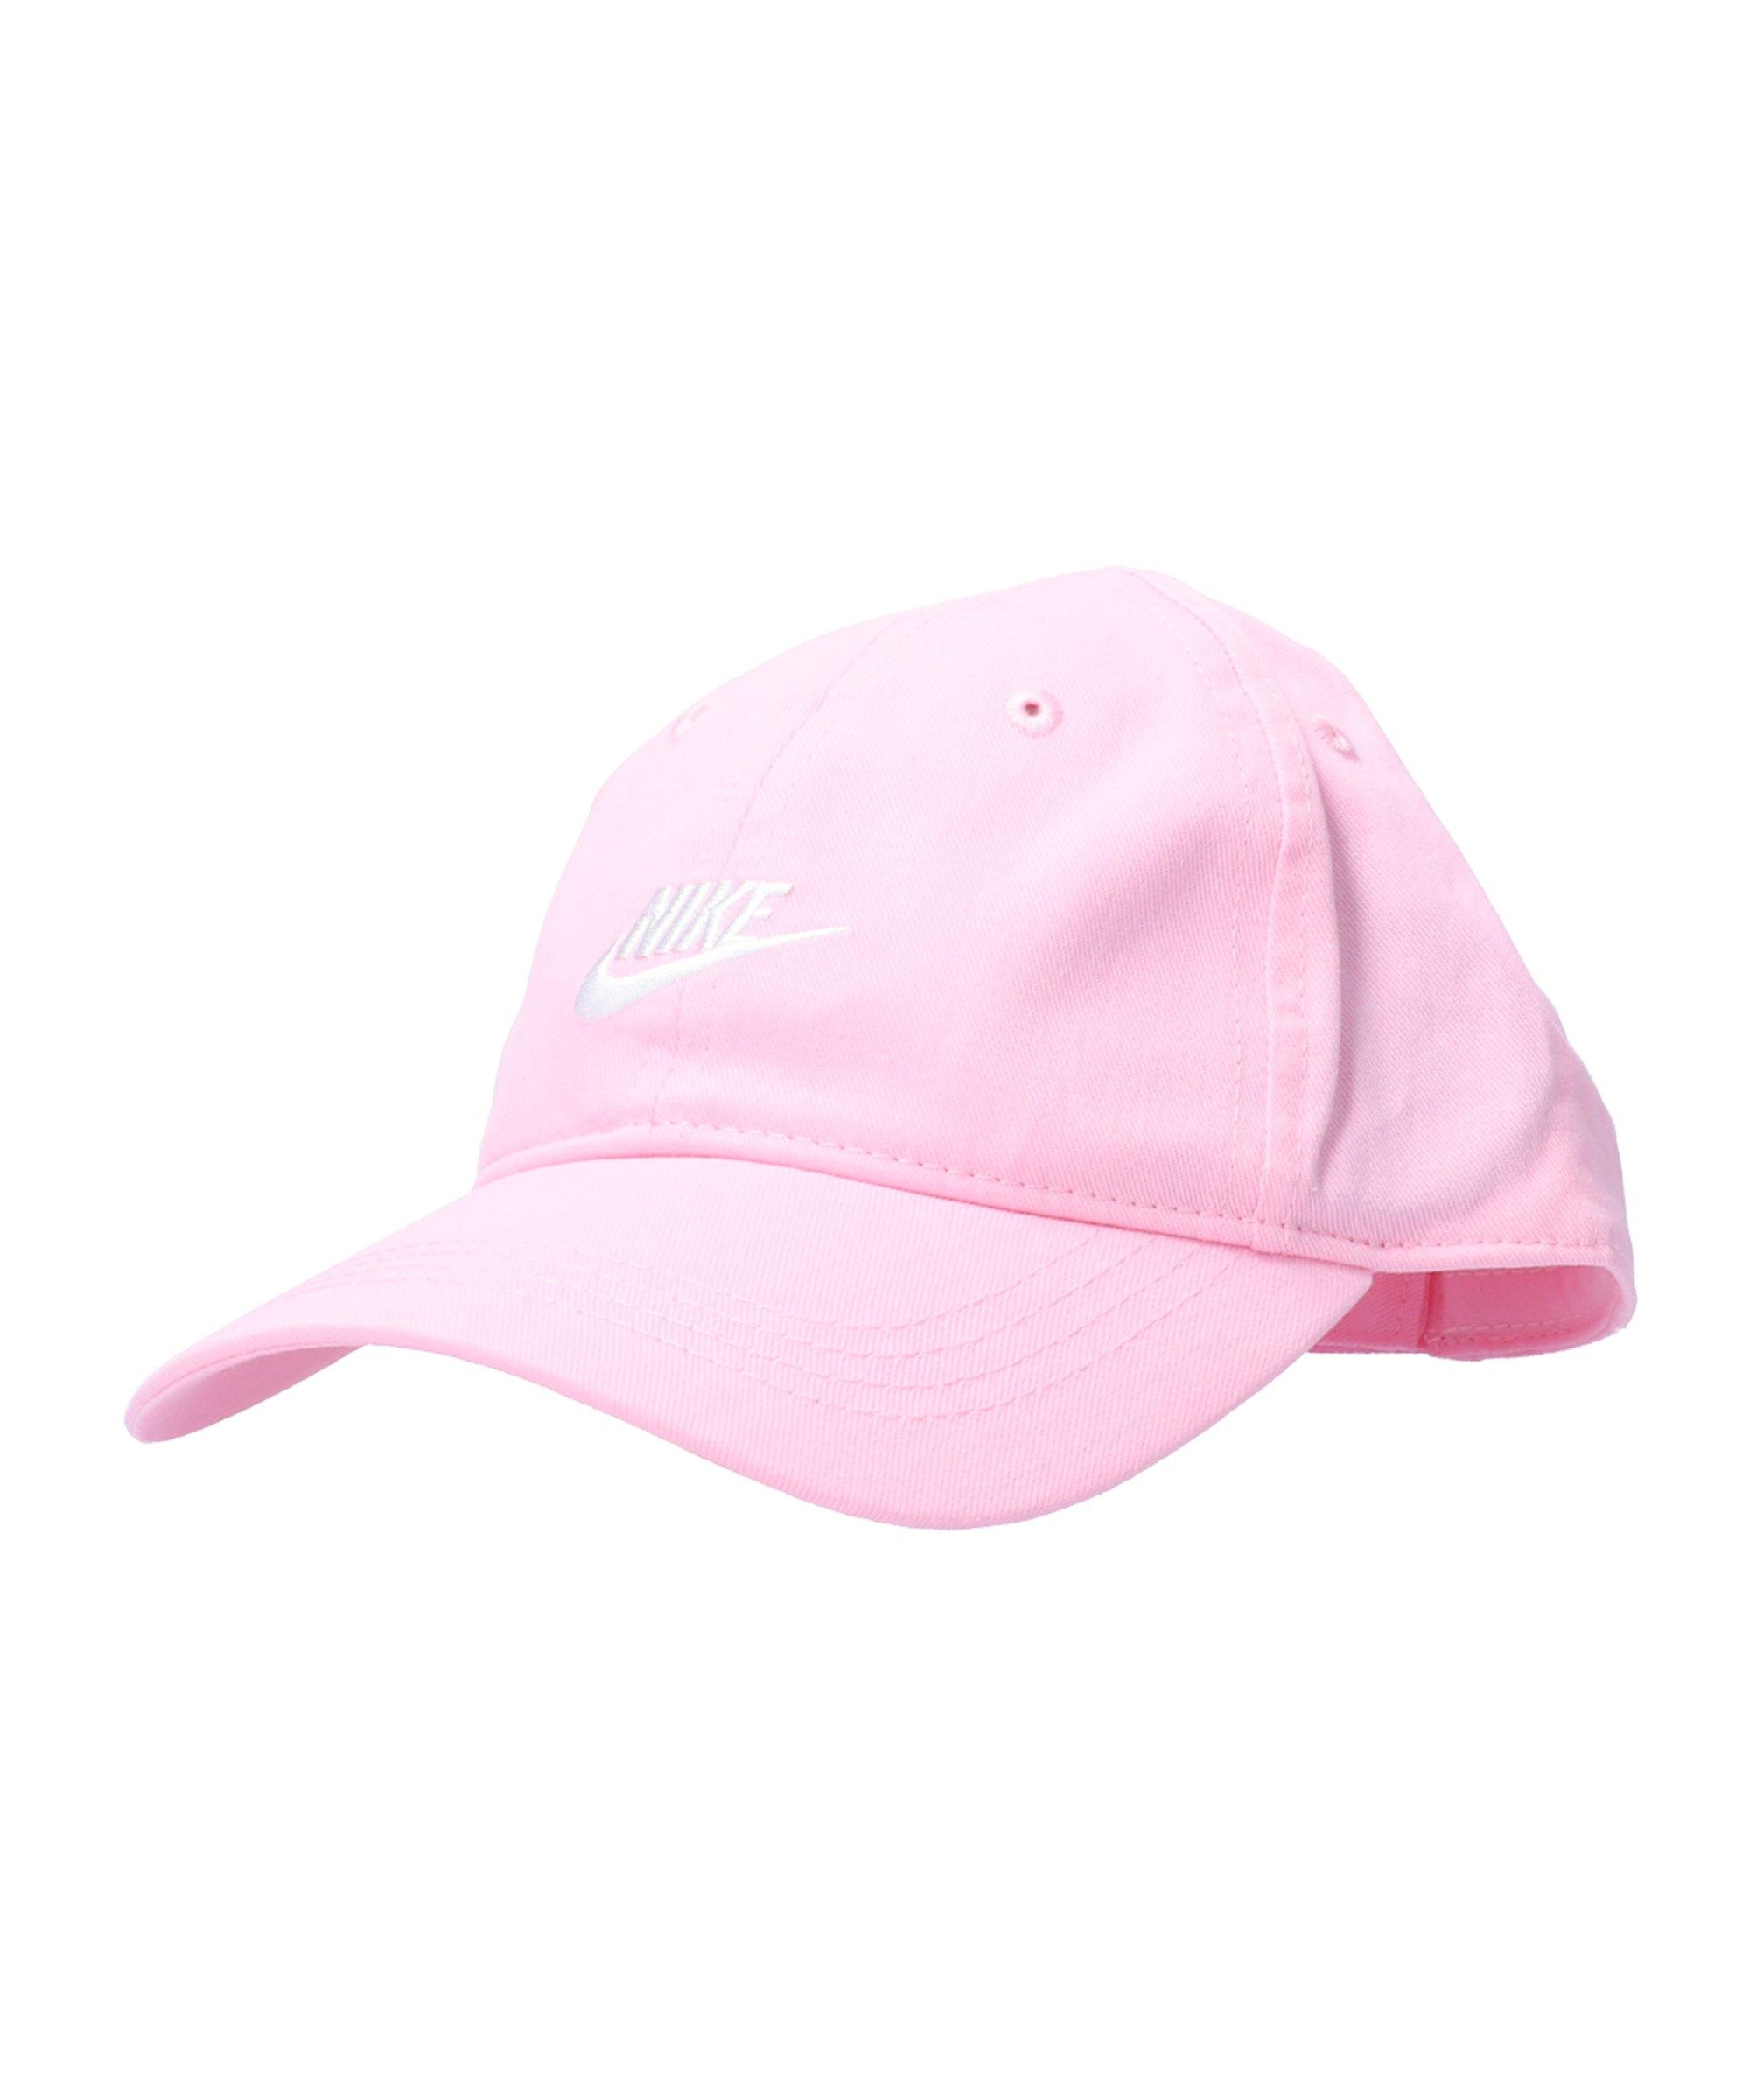 Nike Futura Curve Brim Cap Kids Pink FA8F - pink